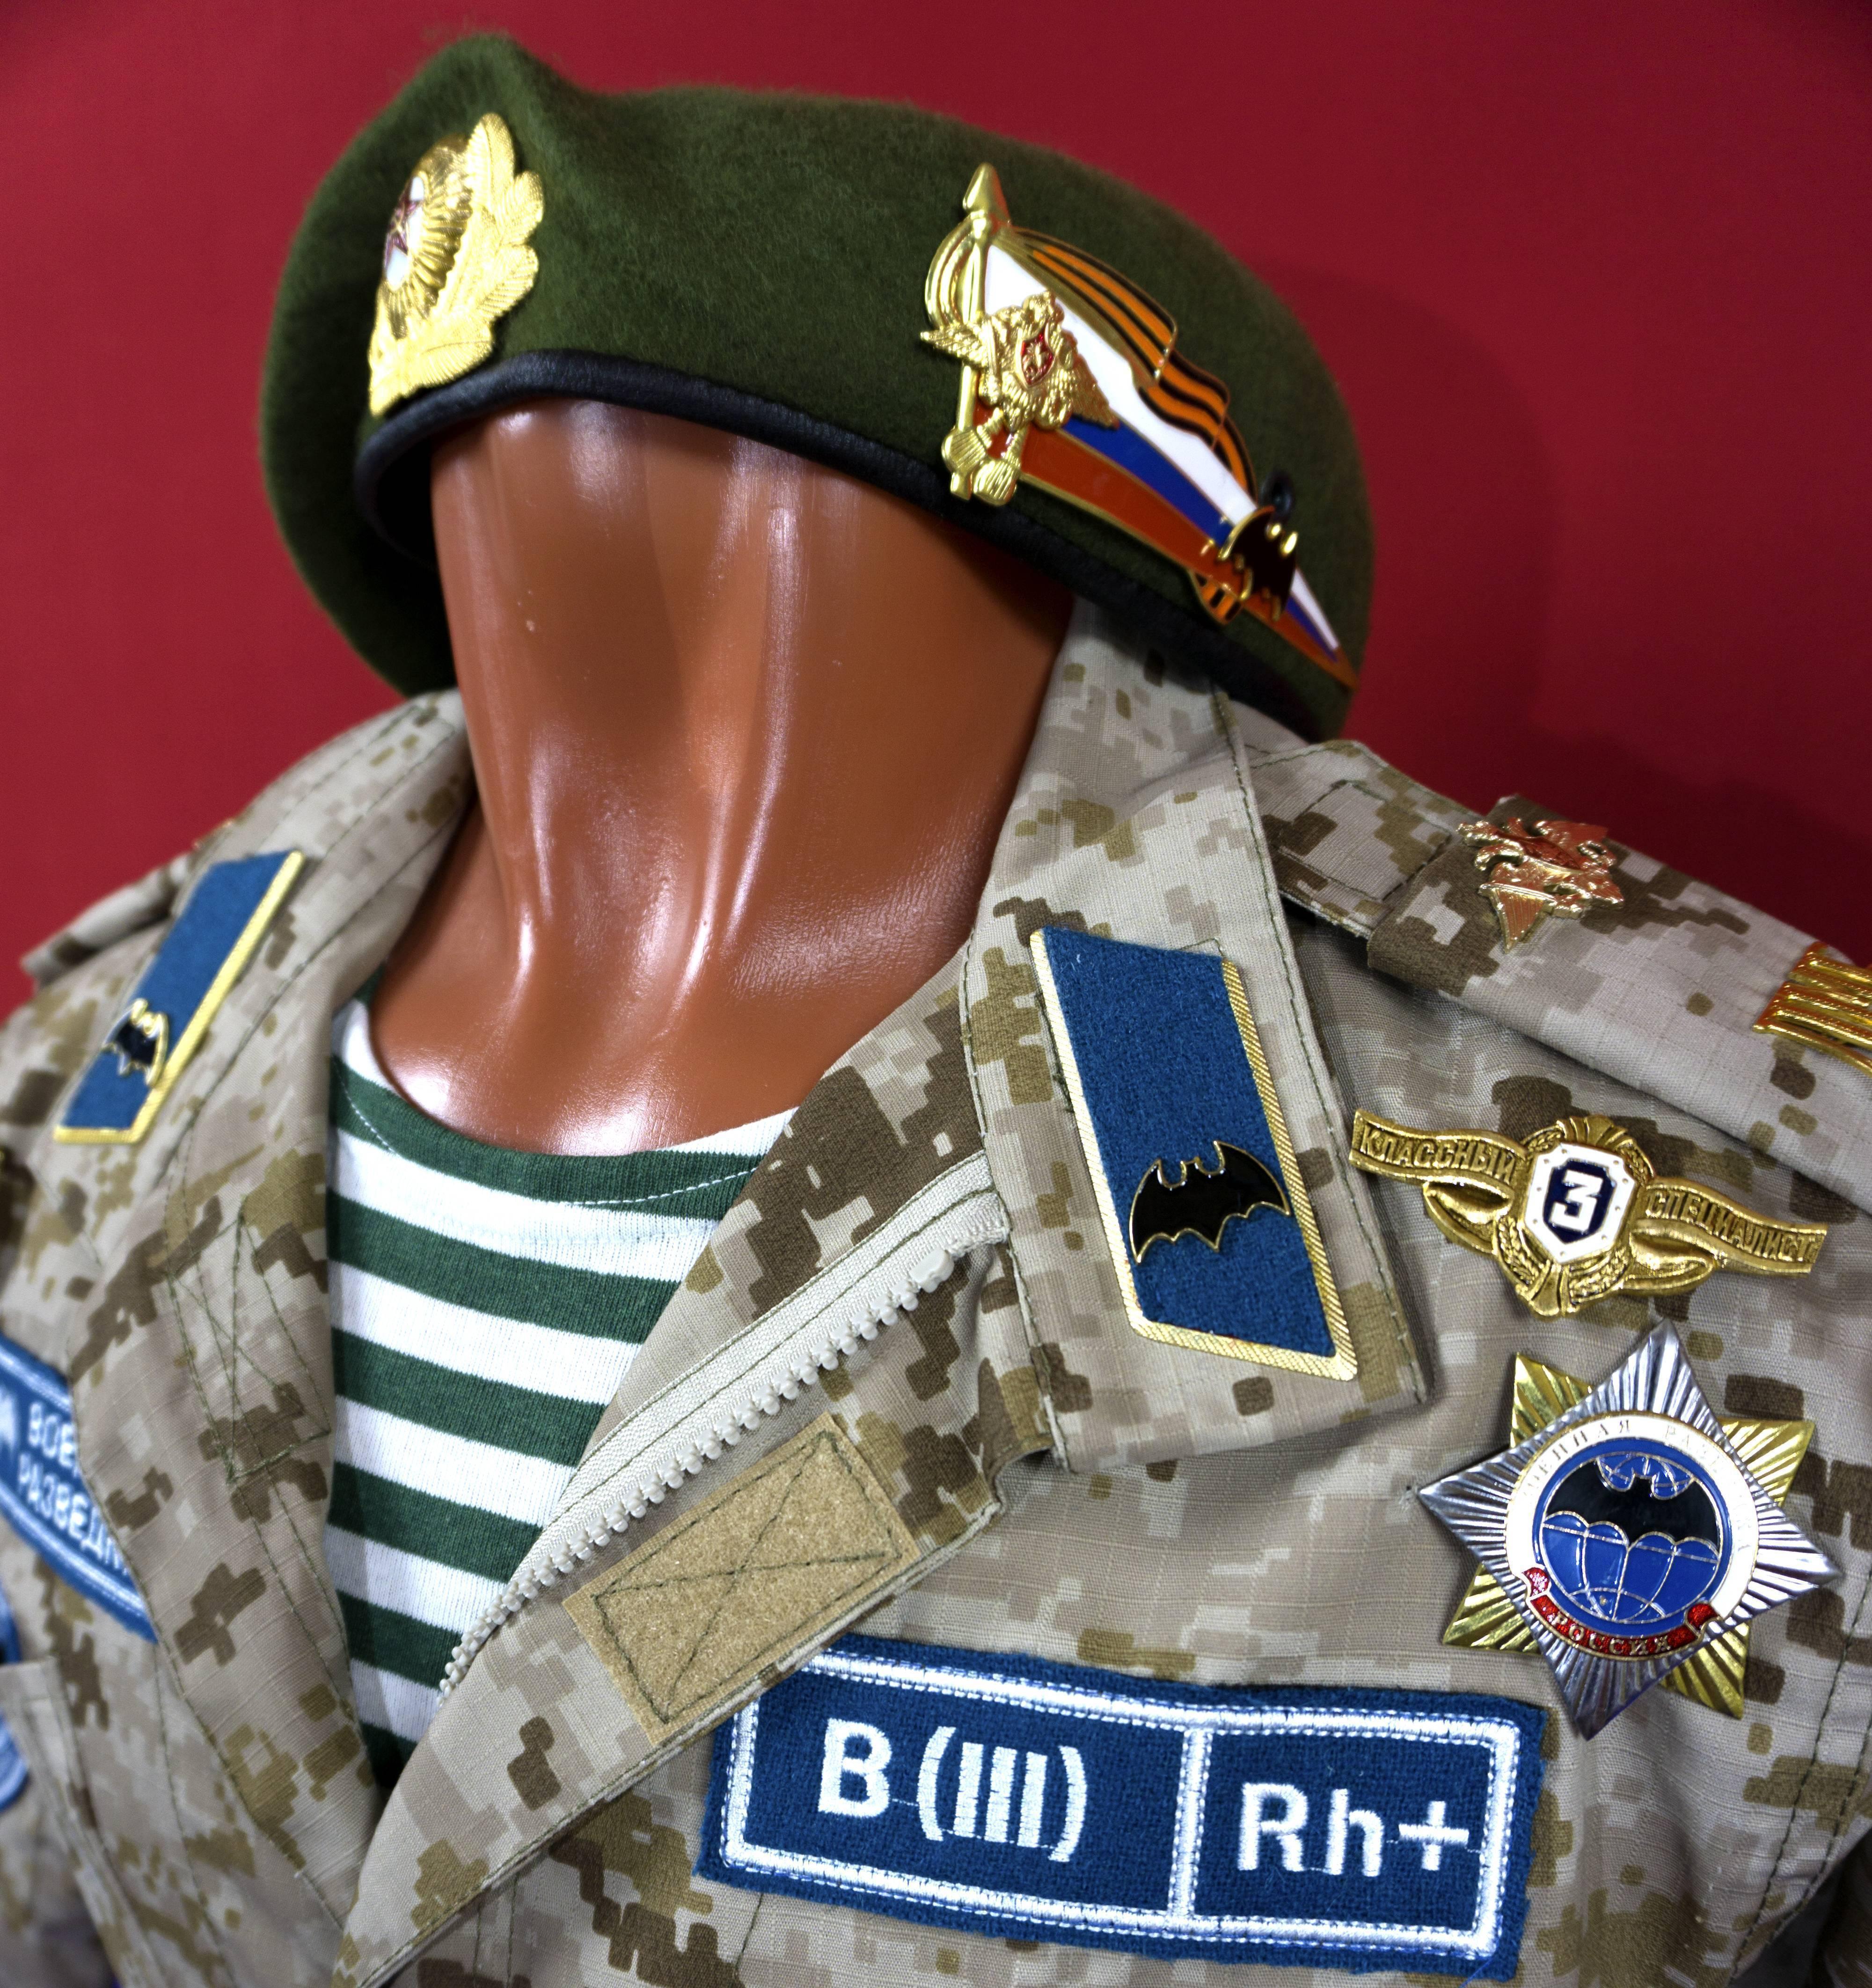 Как правильно одевать пограничный берет. история и разновидности военных беретов (60 фото). используем старую ложку